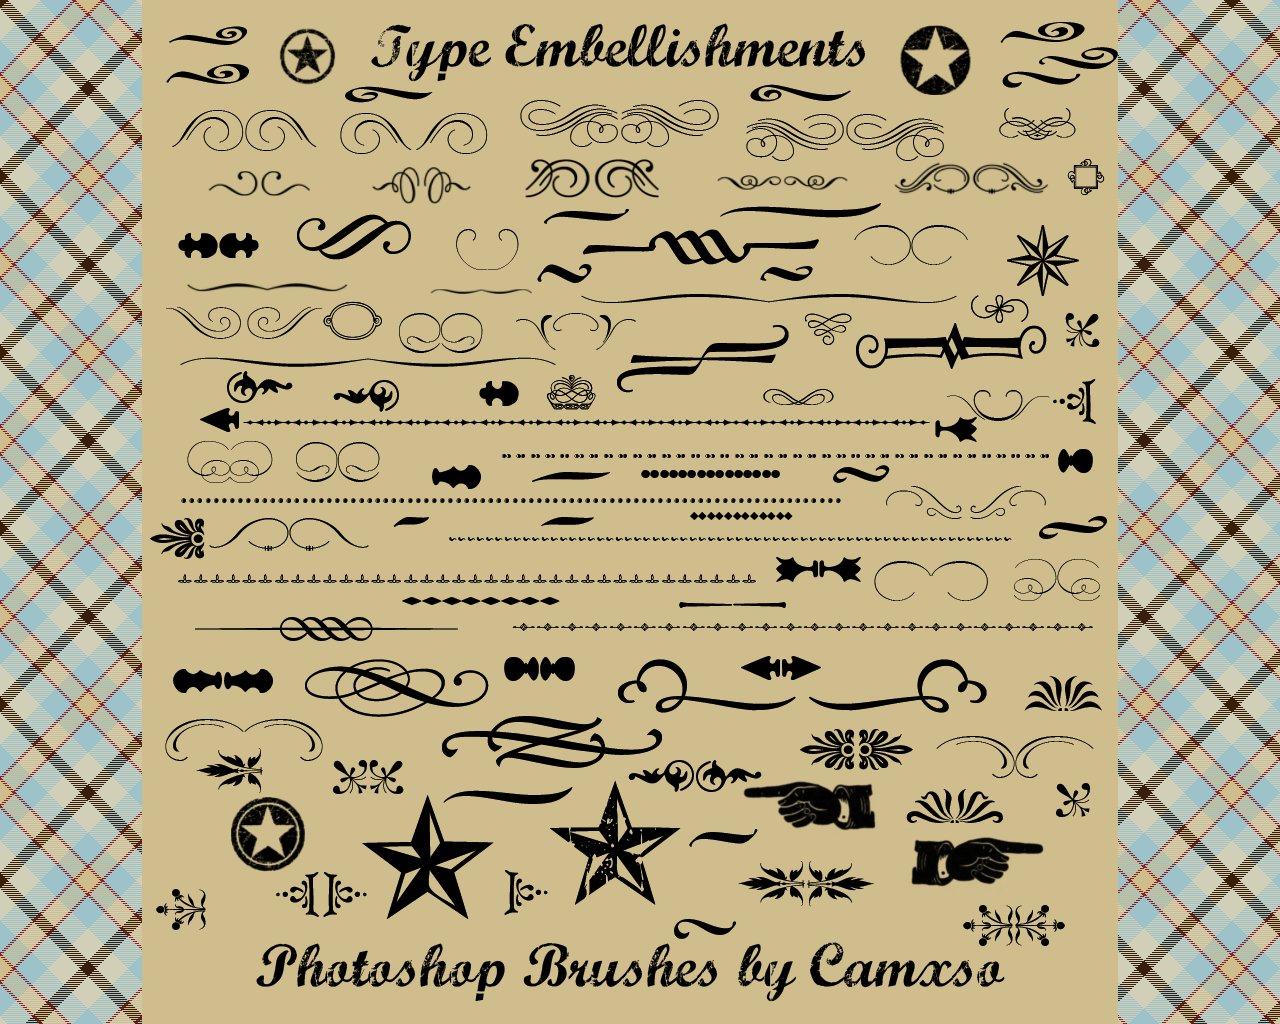 各种欧式印花装饰、边框纹理图案Photoshop花纹装饰笔刷